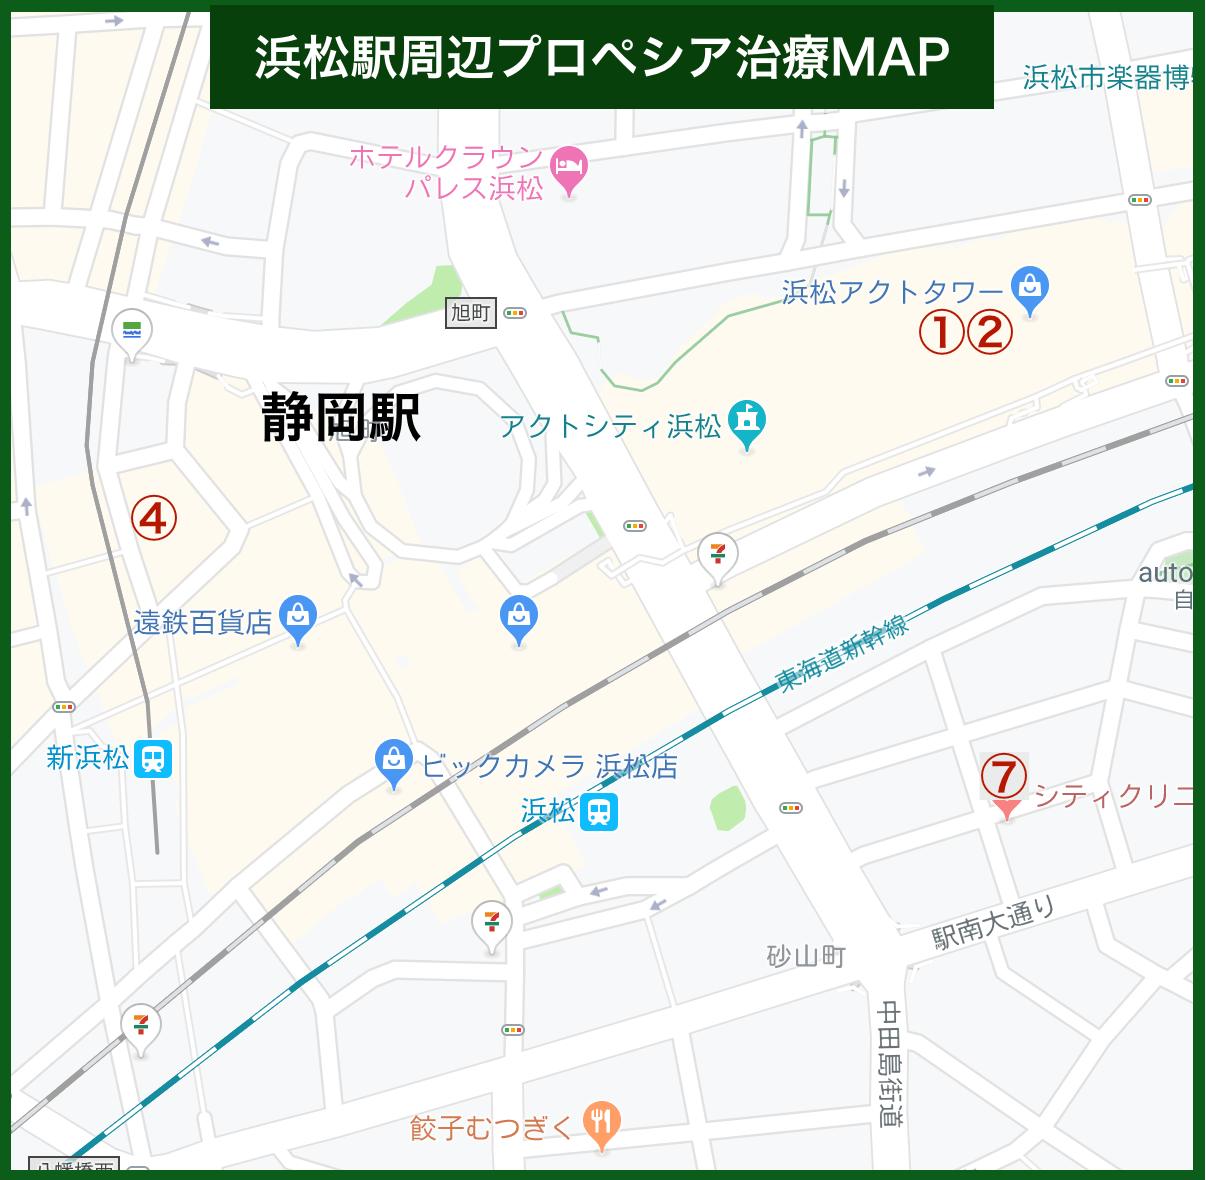 浜松駅周辺プロペシア治療MAP